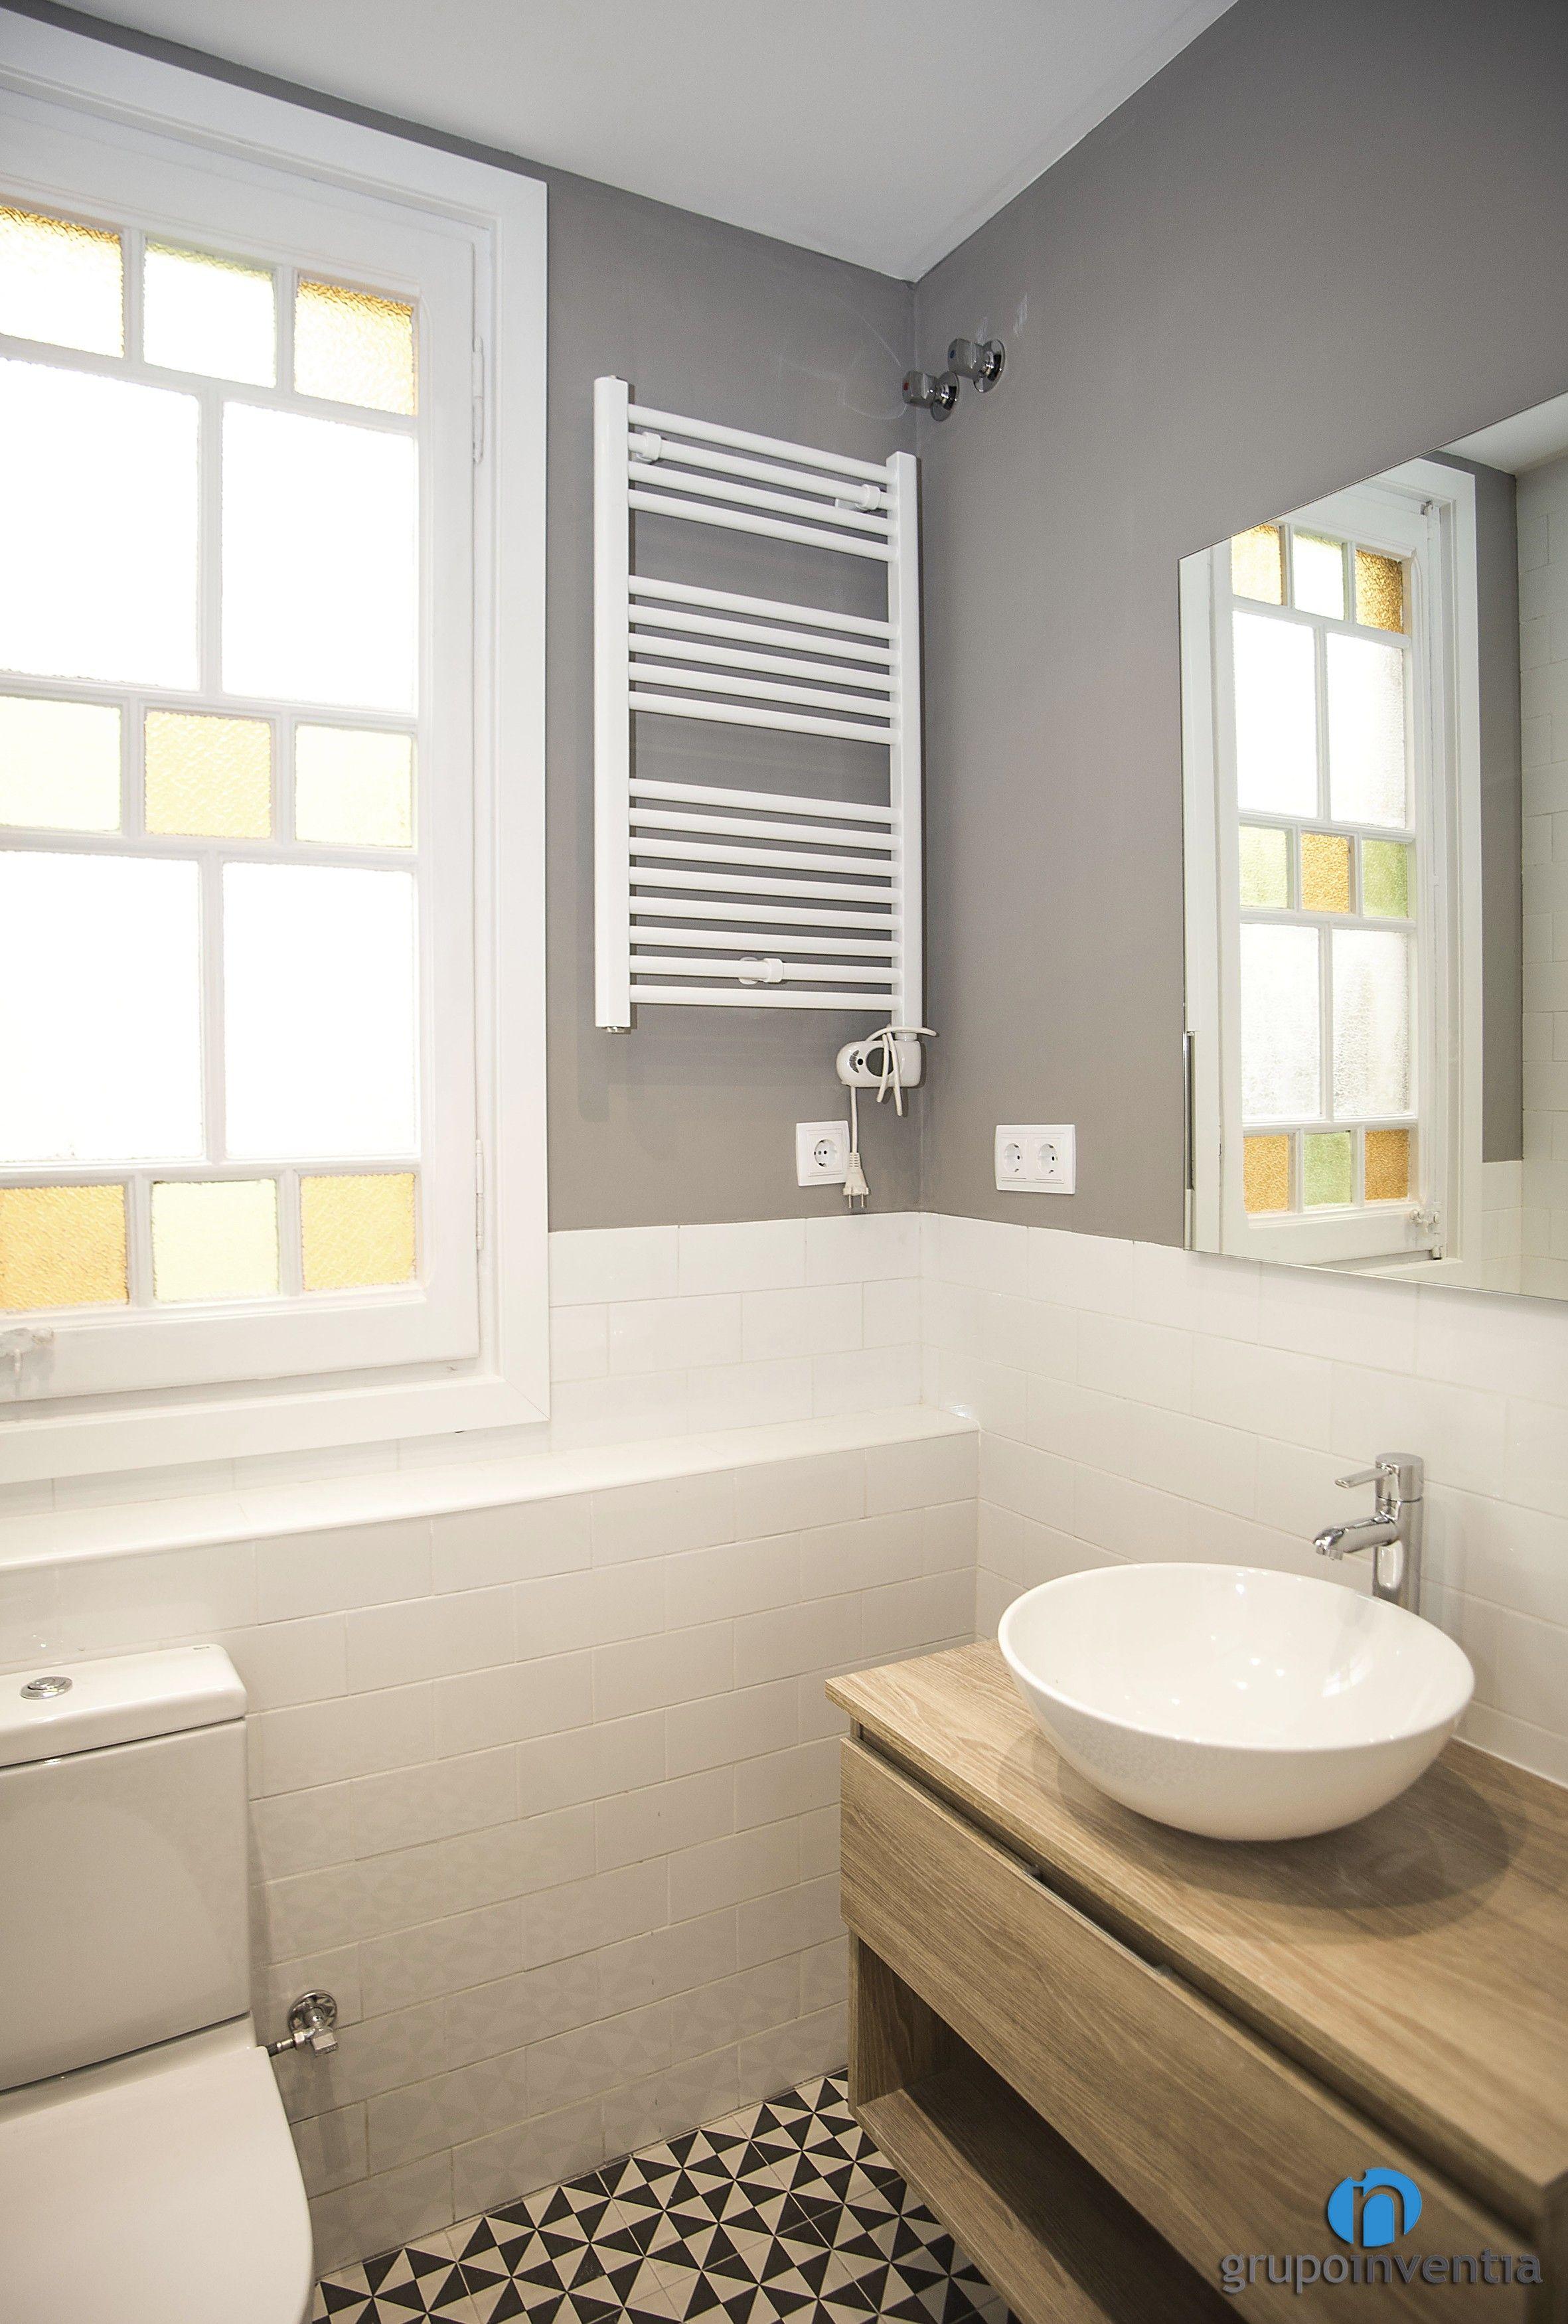 Banos Alicatados.Cuarto De Bano Alicatado A Media Altura Bathroom Toilet